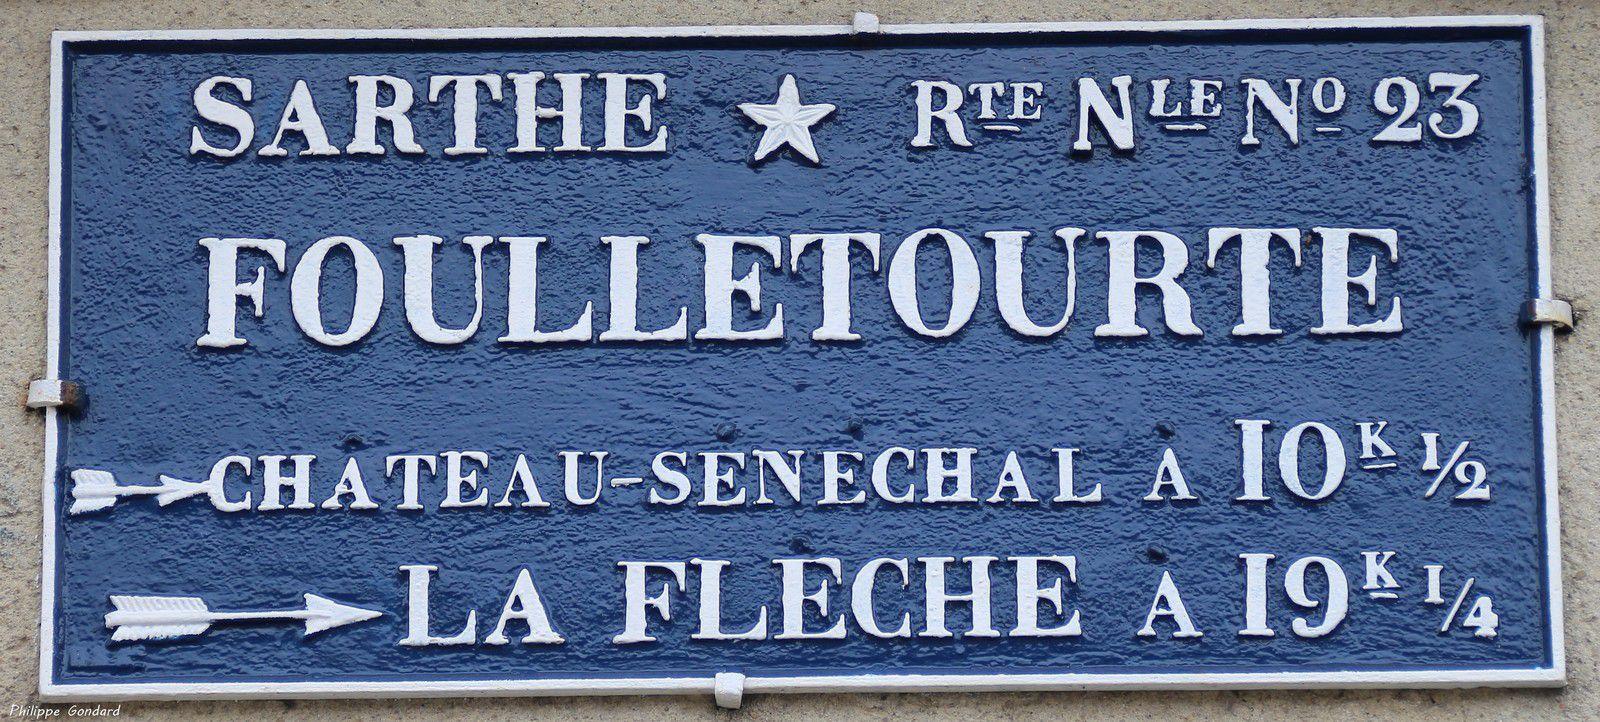 Cérans Foulletourte